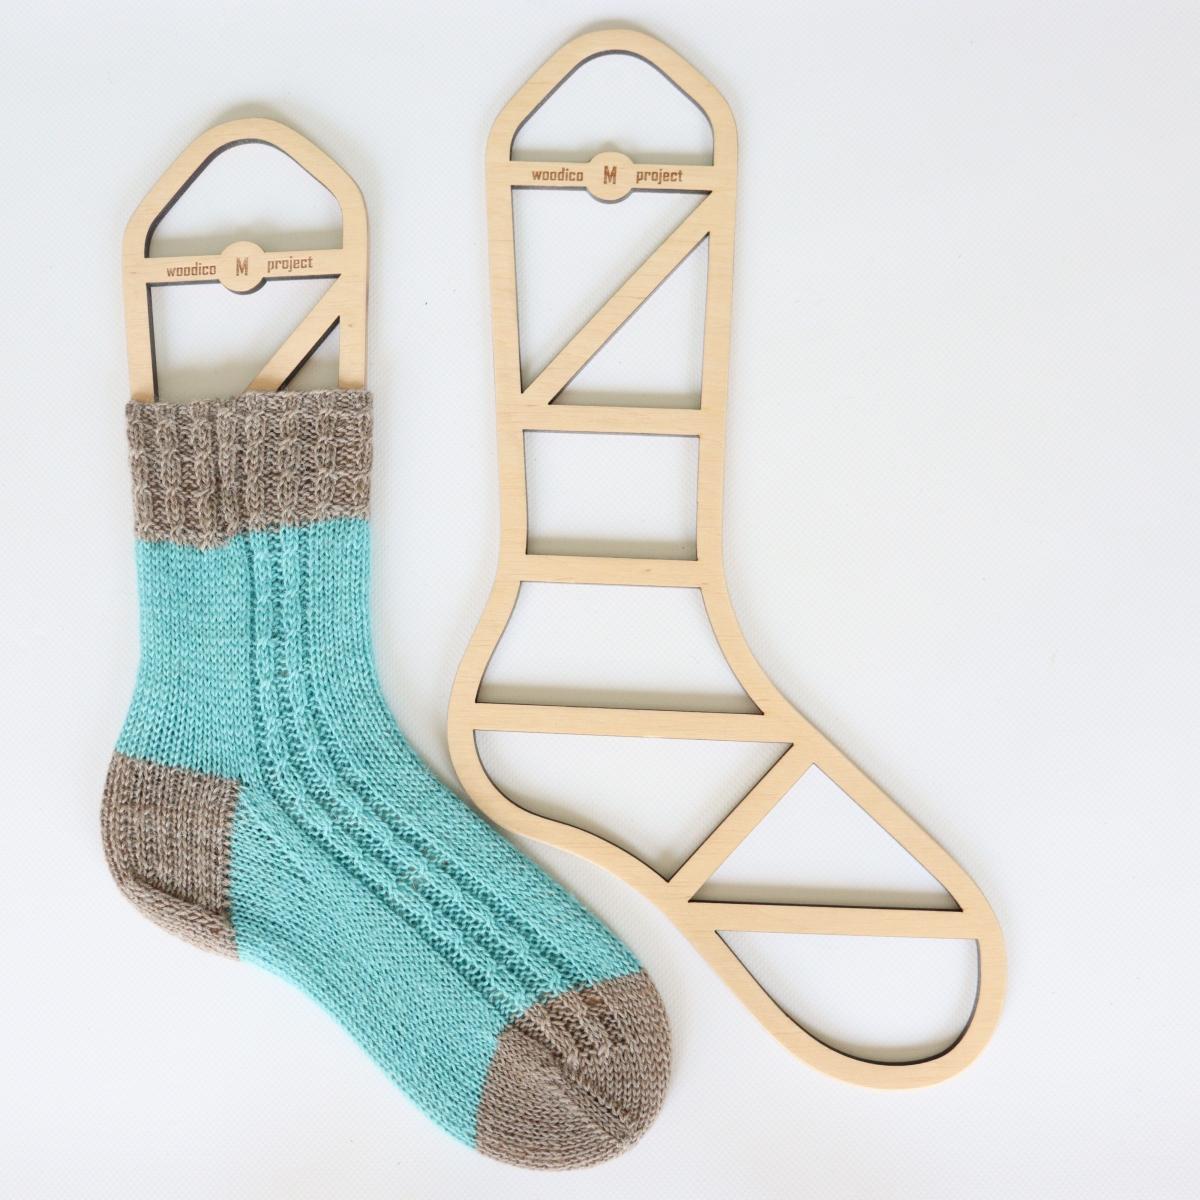 woodico.pro wooden sock blockers zen 6 1200x1200 - Wooden sock blockers / Zen